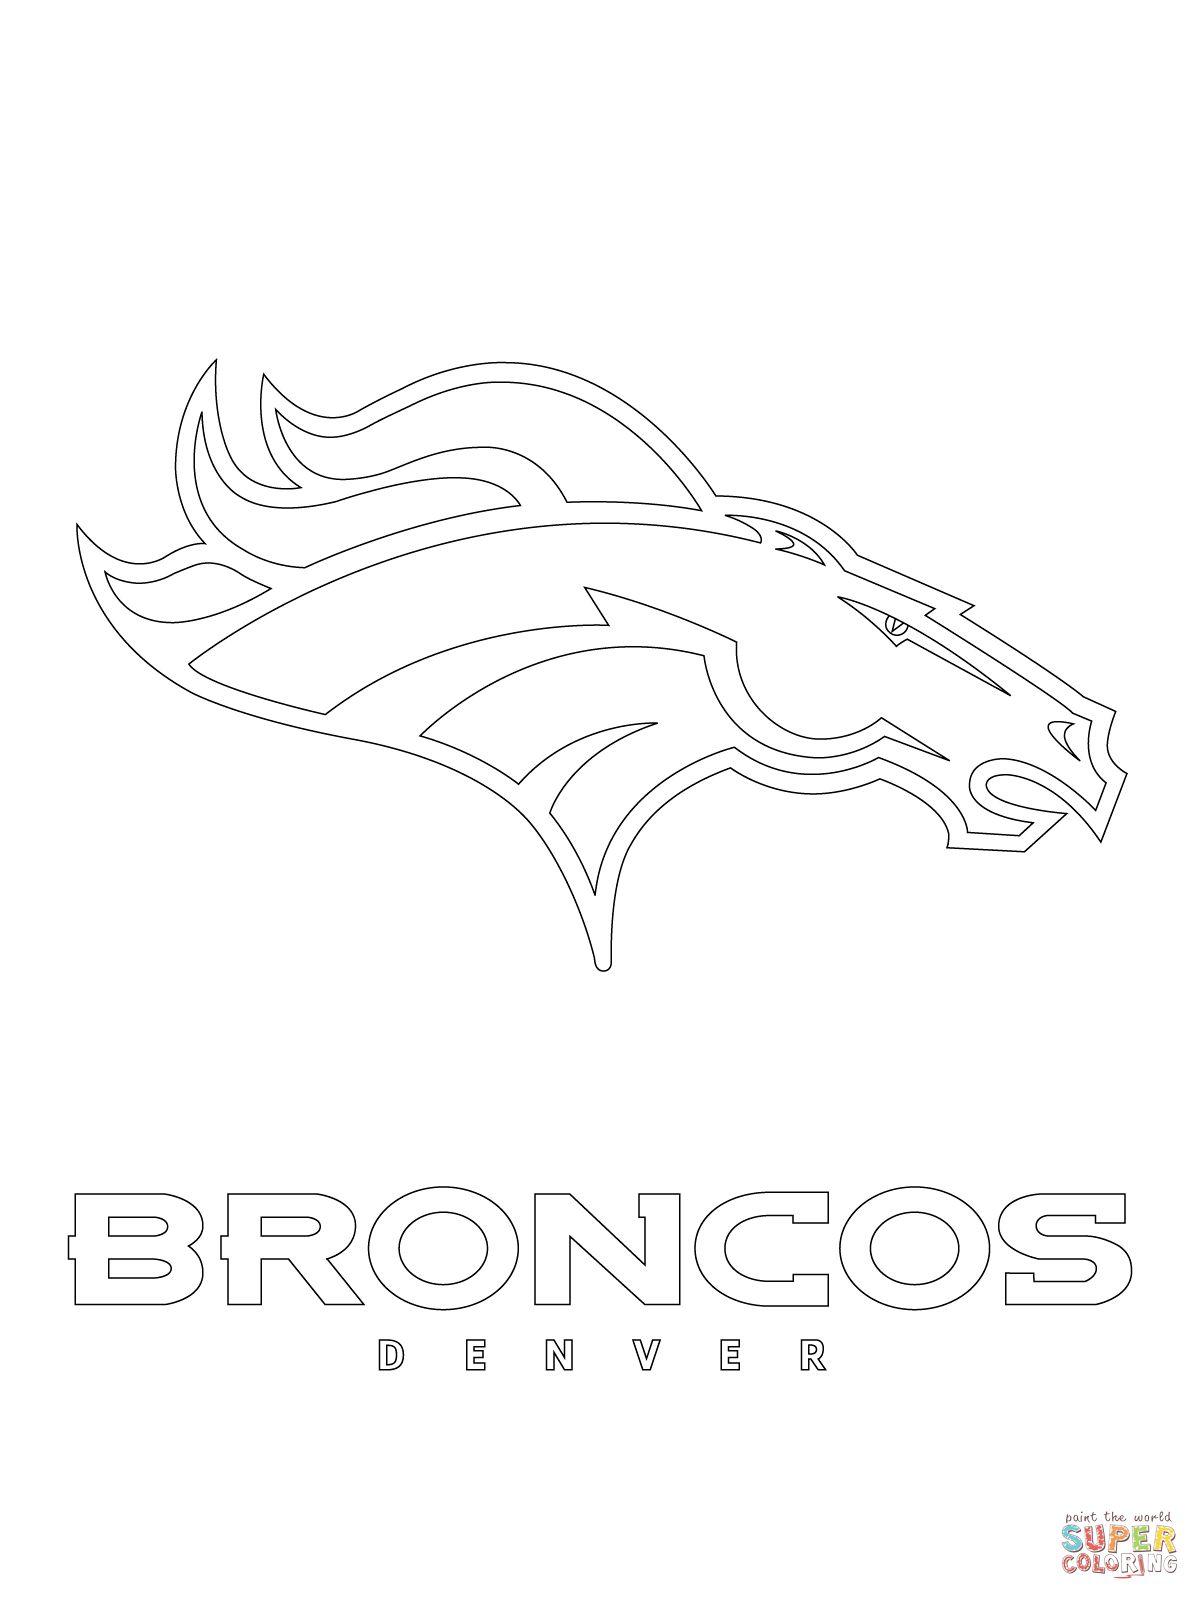 Denver Broncos Logo Coloring Page Supercoloring Com Denver